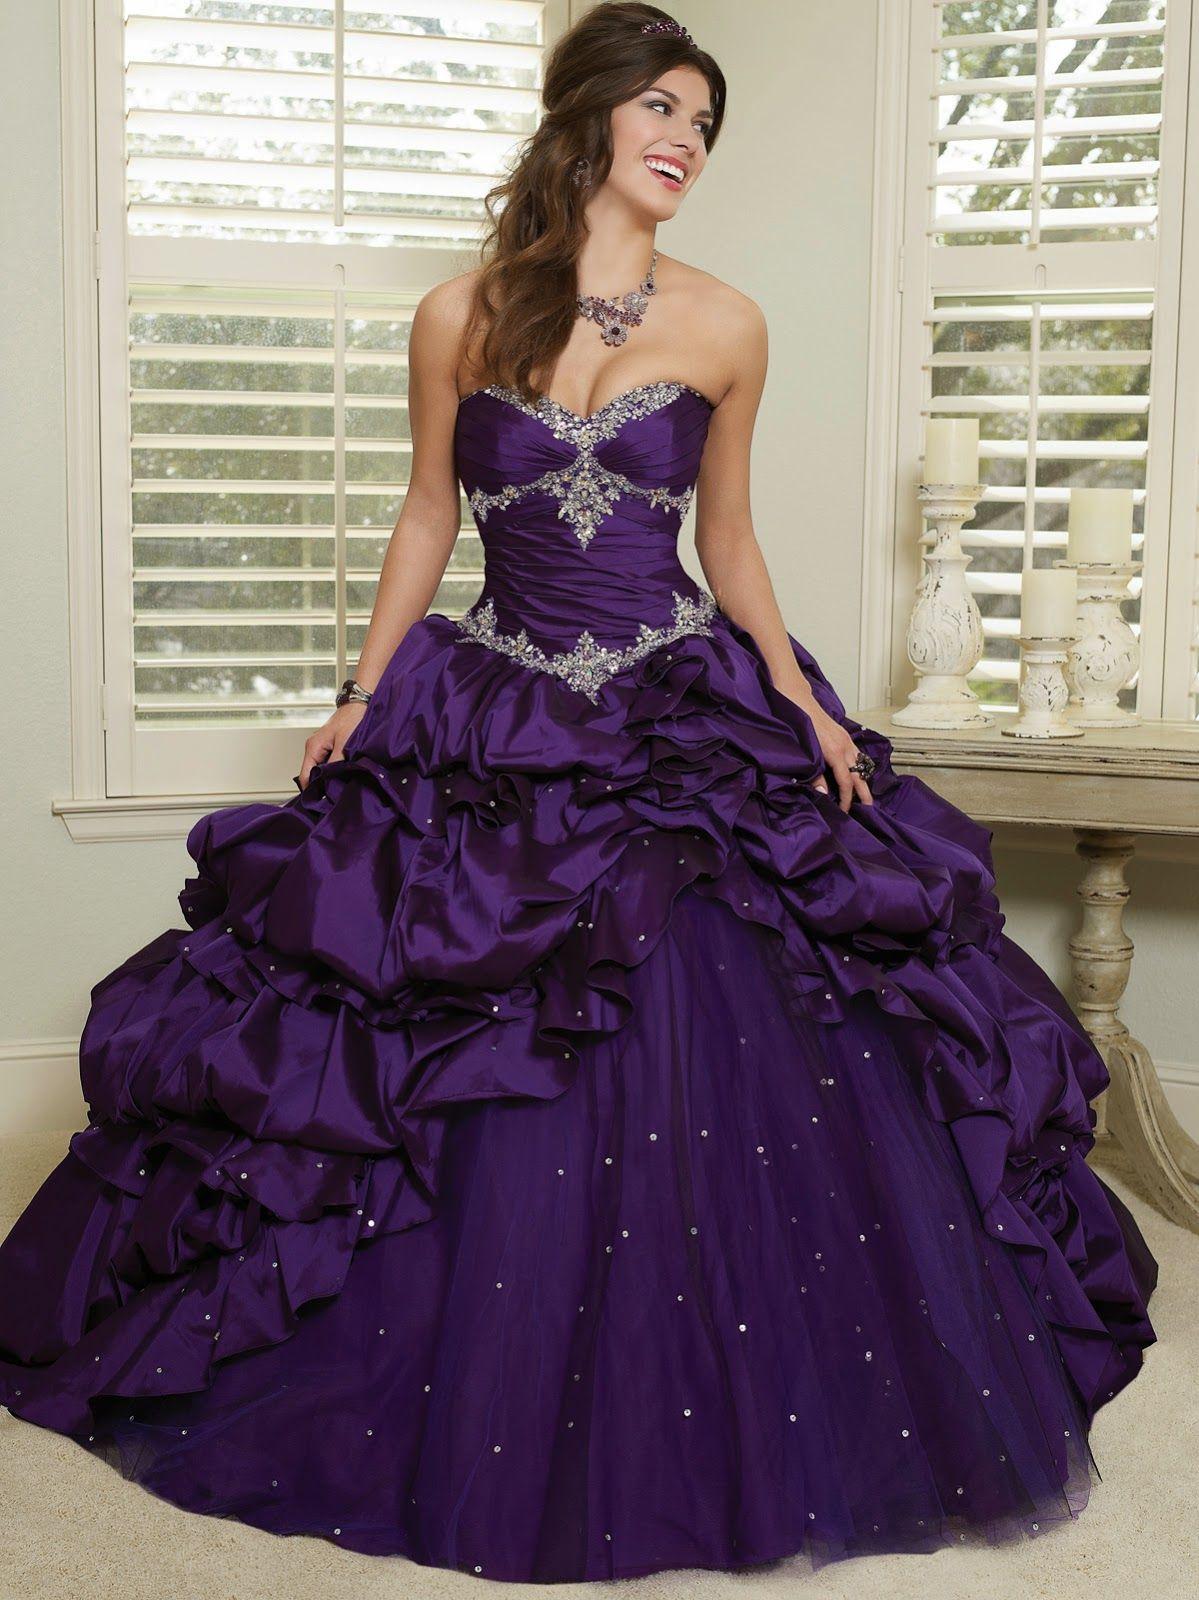 Estupendos vestidos de fiesta de 15 años | Colección 2014 | Vestidos ...